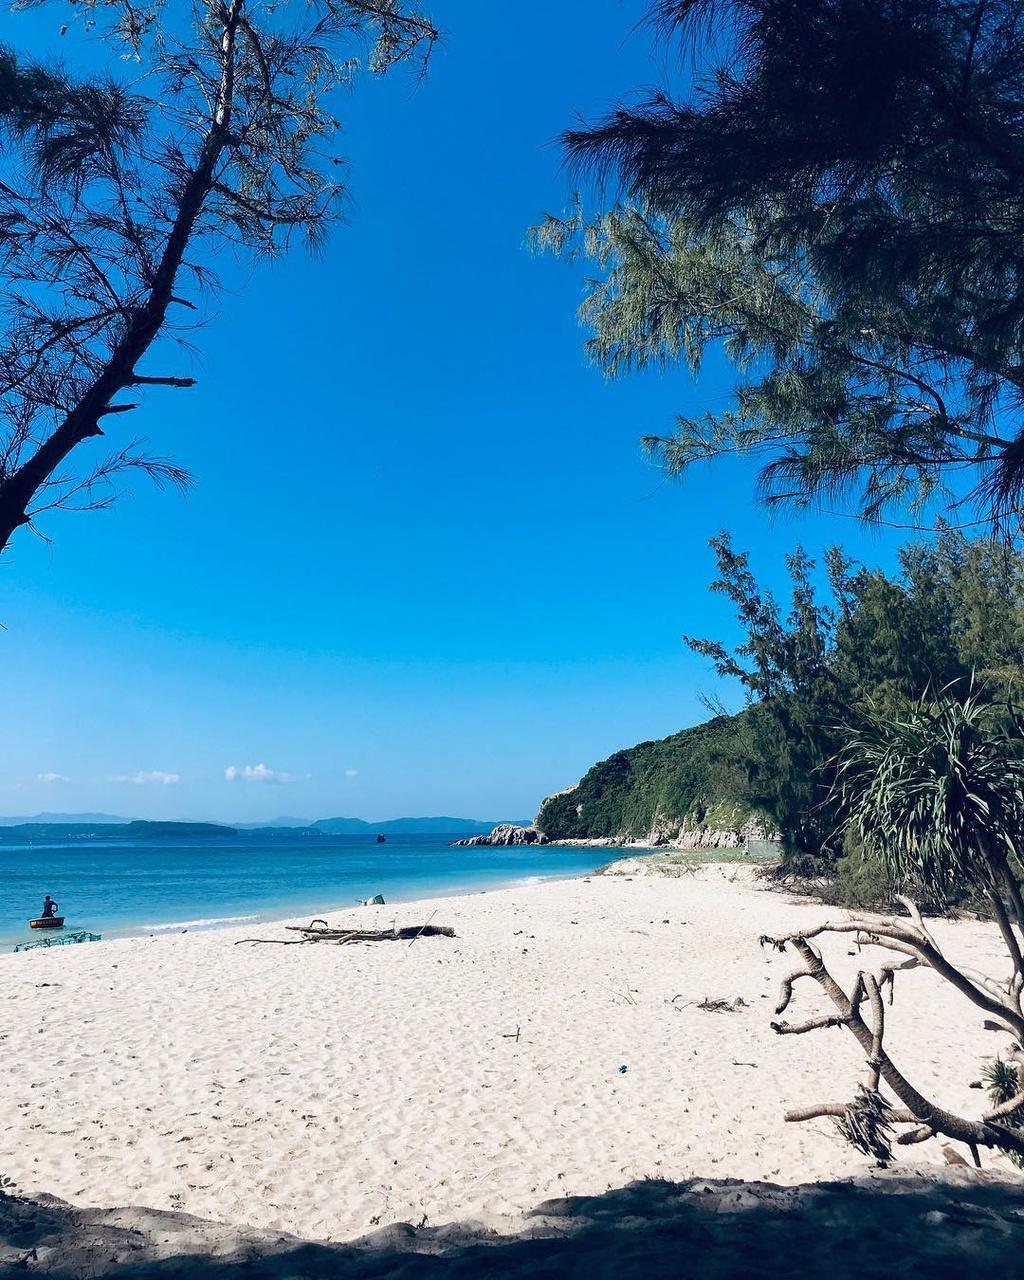 Hè này lập kèo vi vu 4 đảo cù lao tuyệt đẹp ở miền Trung Ảnh 15